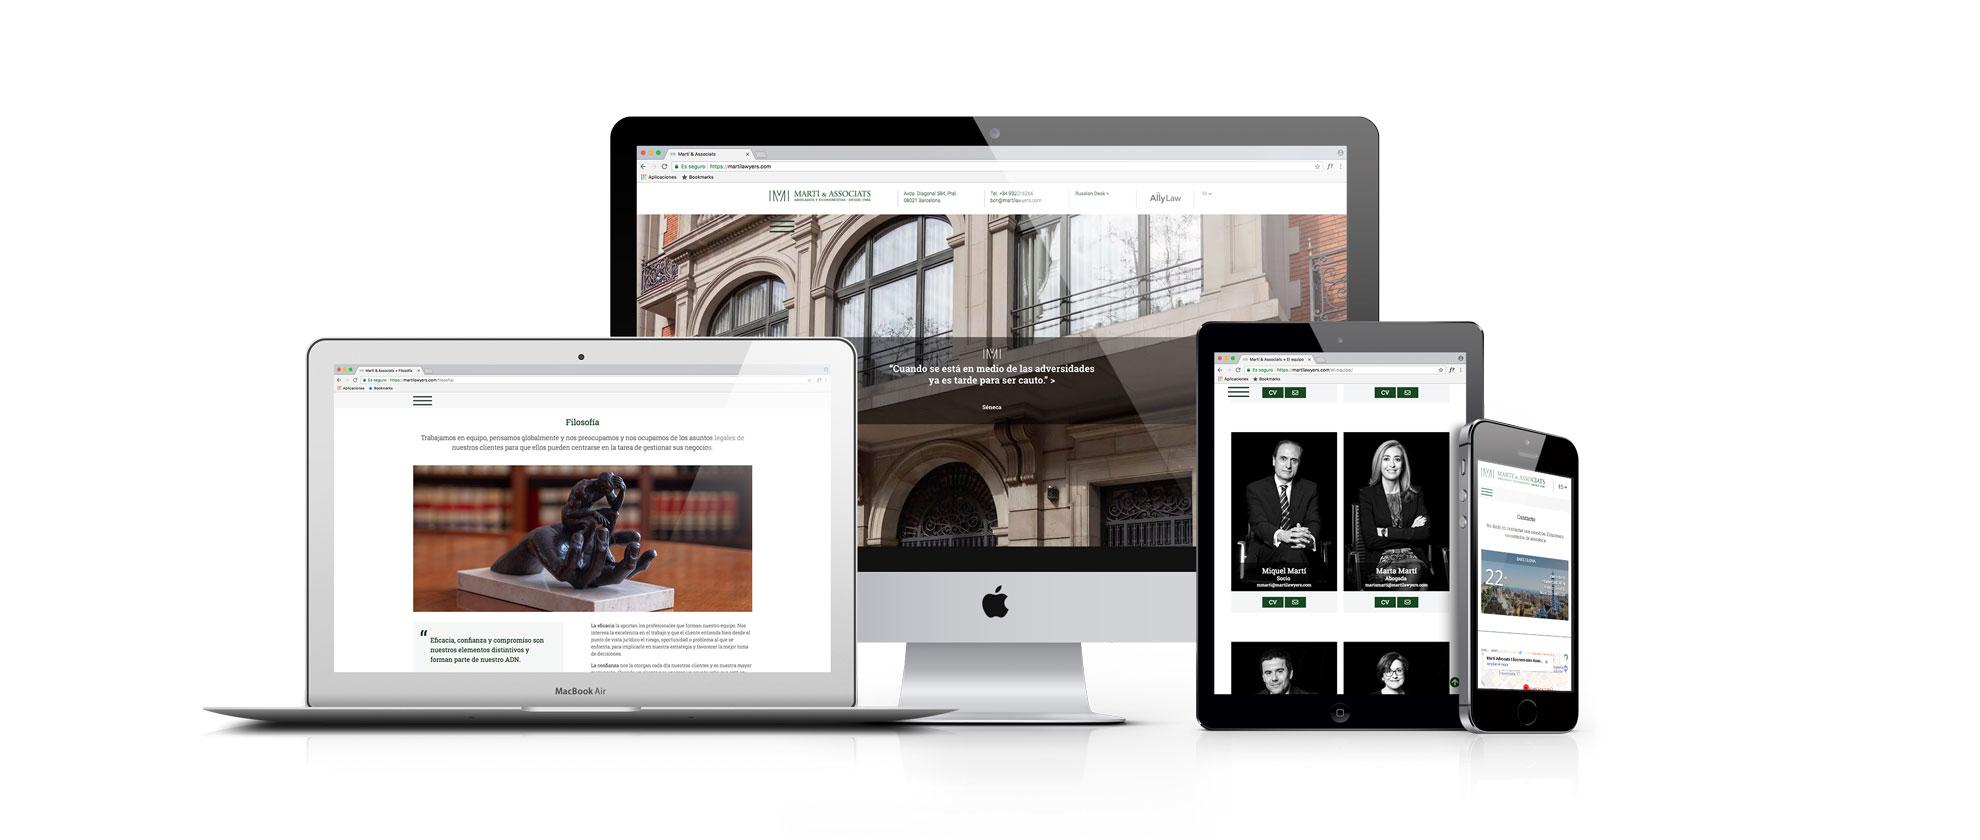 Marti-Associats-web-responsive